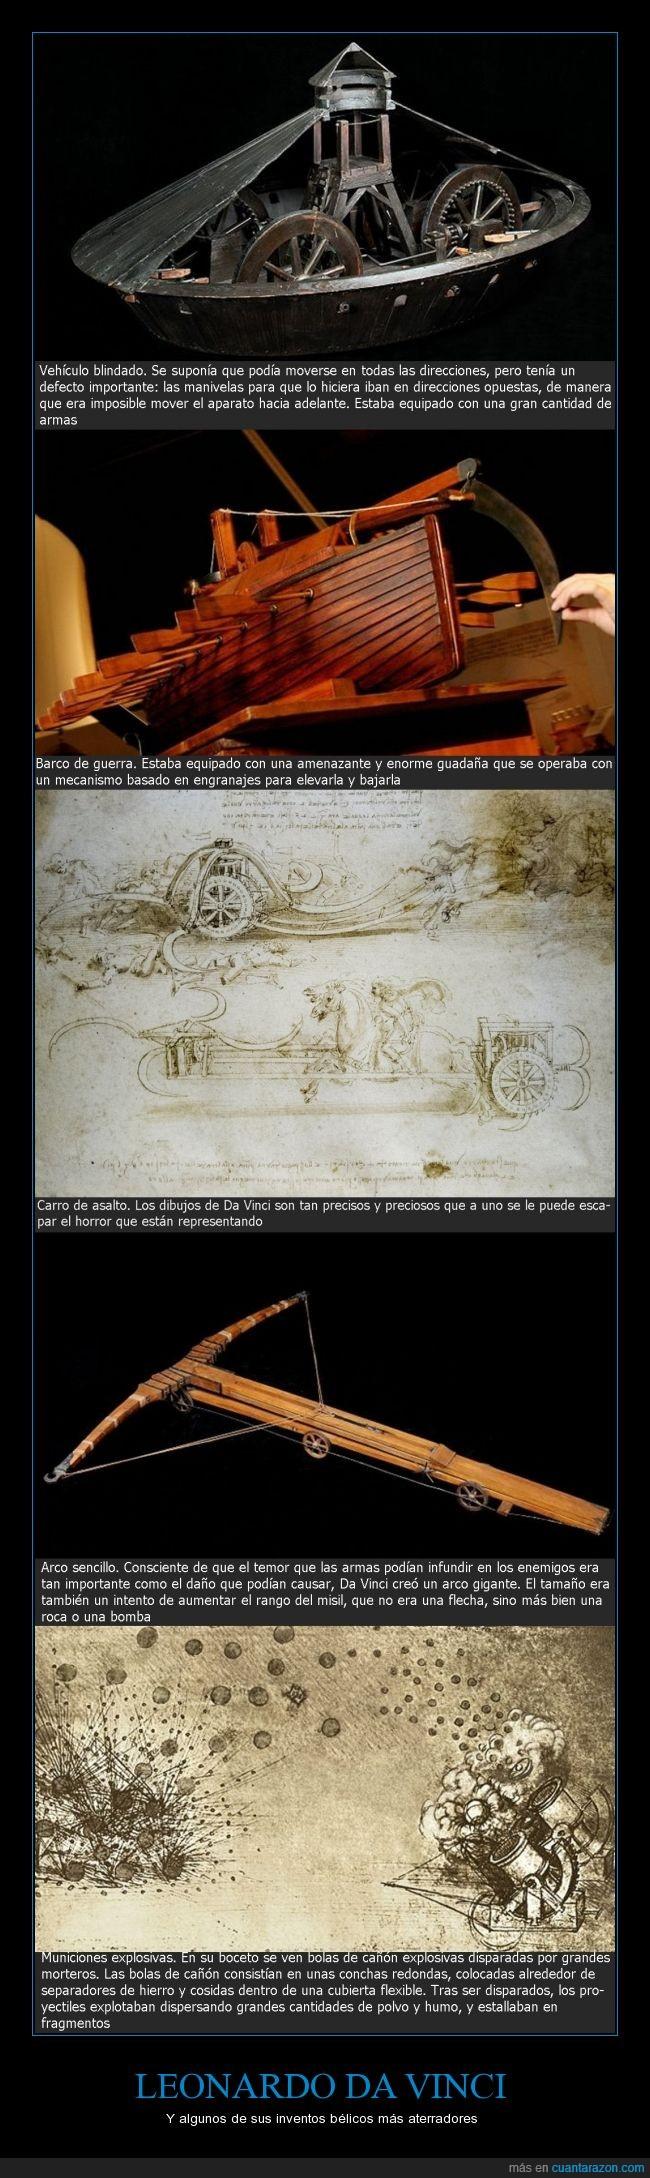 adelantado a su época,Arco,aterradores,Barco de guerra,Carro de asalto,genialidad,imaginación,inventos bélicos,Leonardo Da Vinci,monstruosos,Municiones explosivas,prototipos,Vehículo blindado